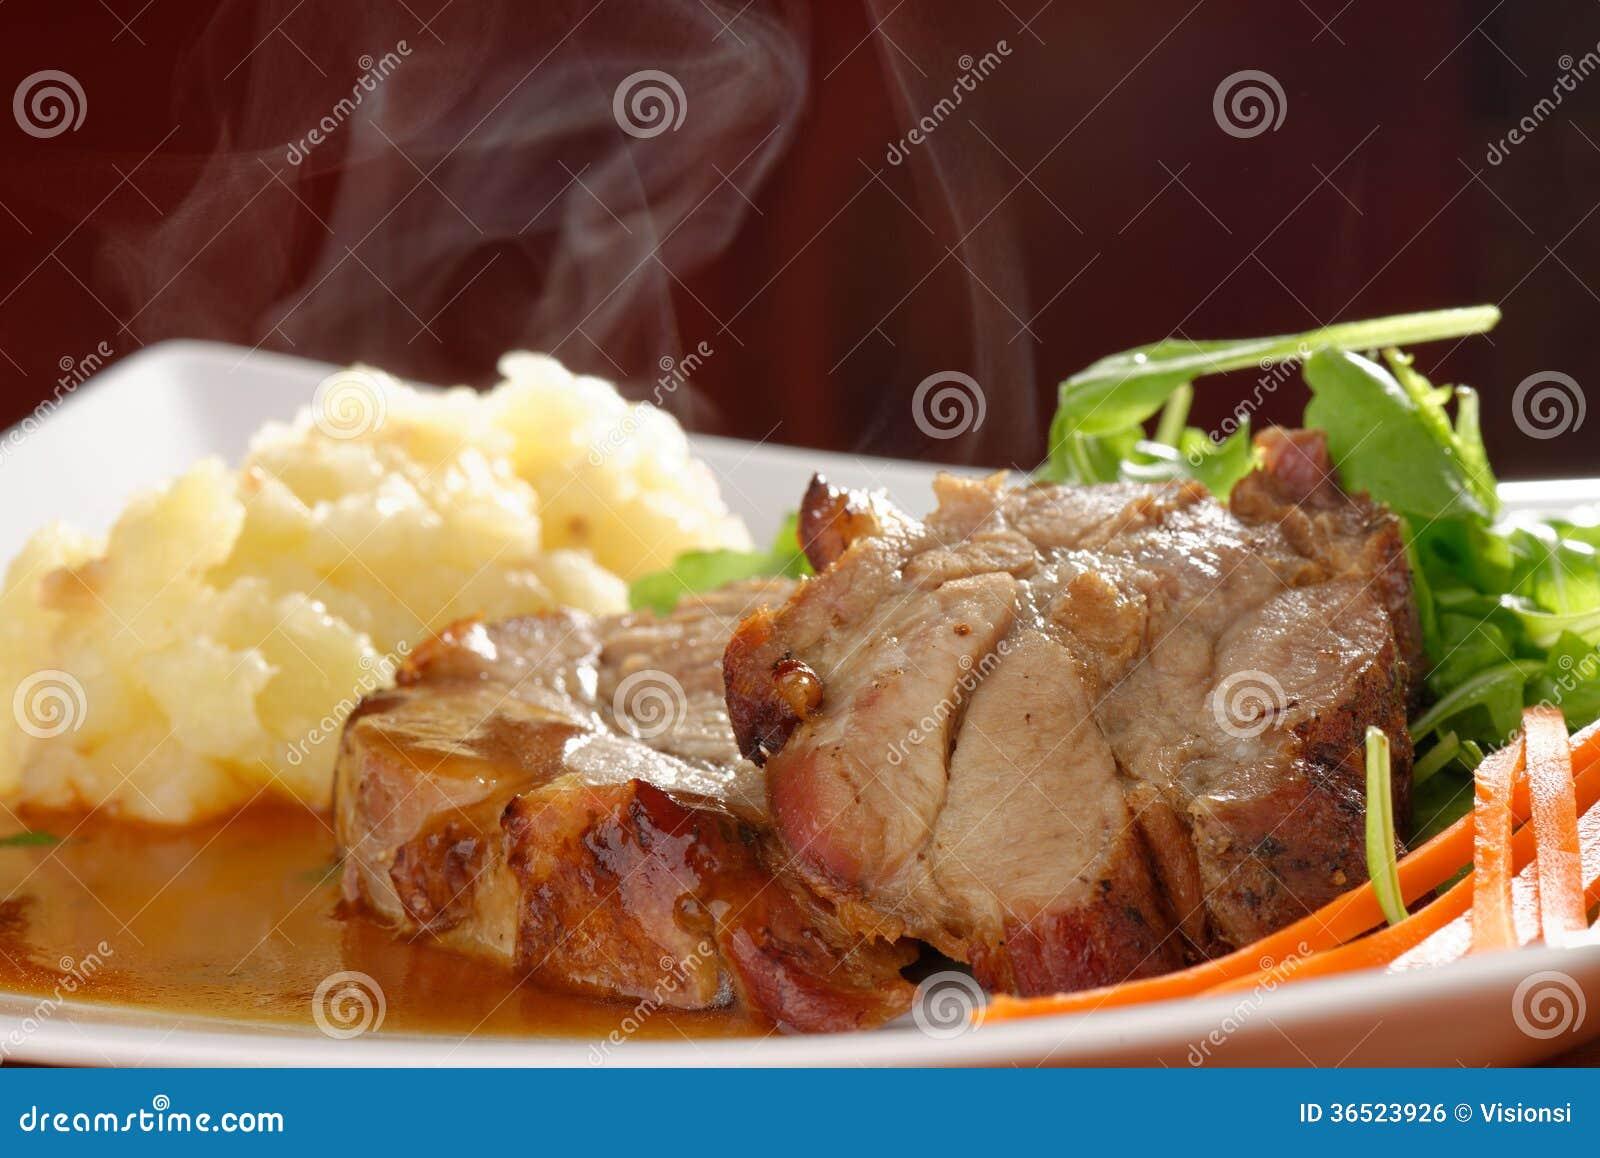 Côtelette de porc frite